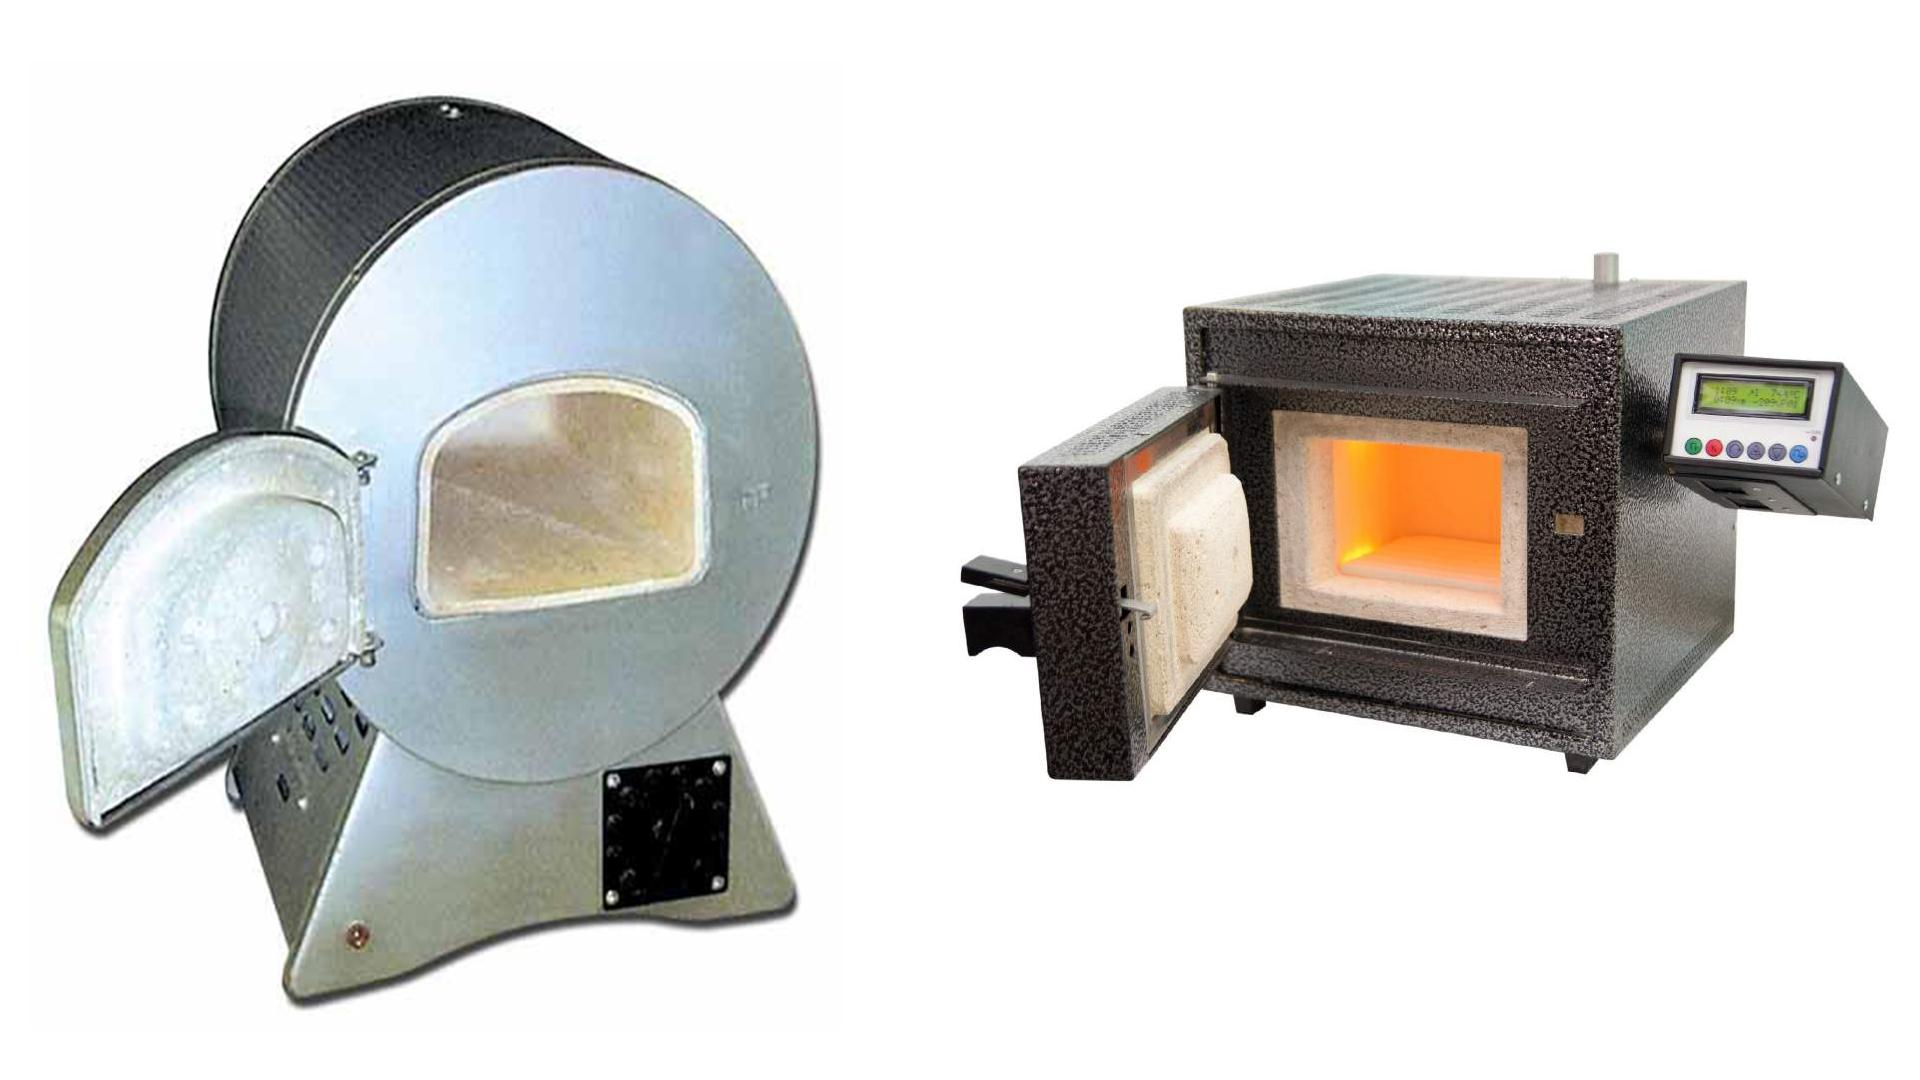 Основные особенности представленной продукции муфельные печи применяются для проведения аналитических и лабораторных работ, выплавки металлов, обжига керамики, прокаливания и решения иных задач.